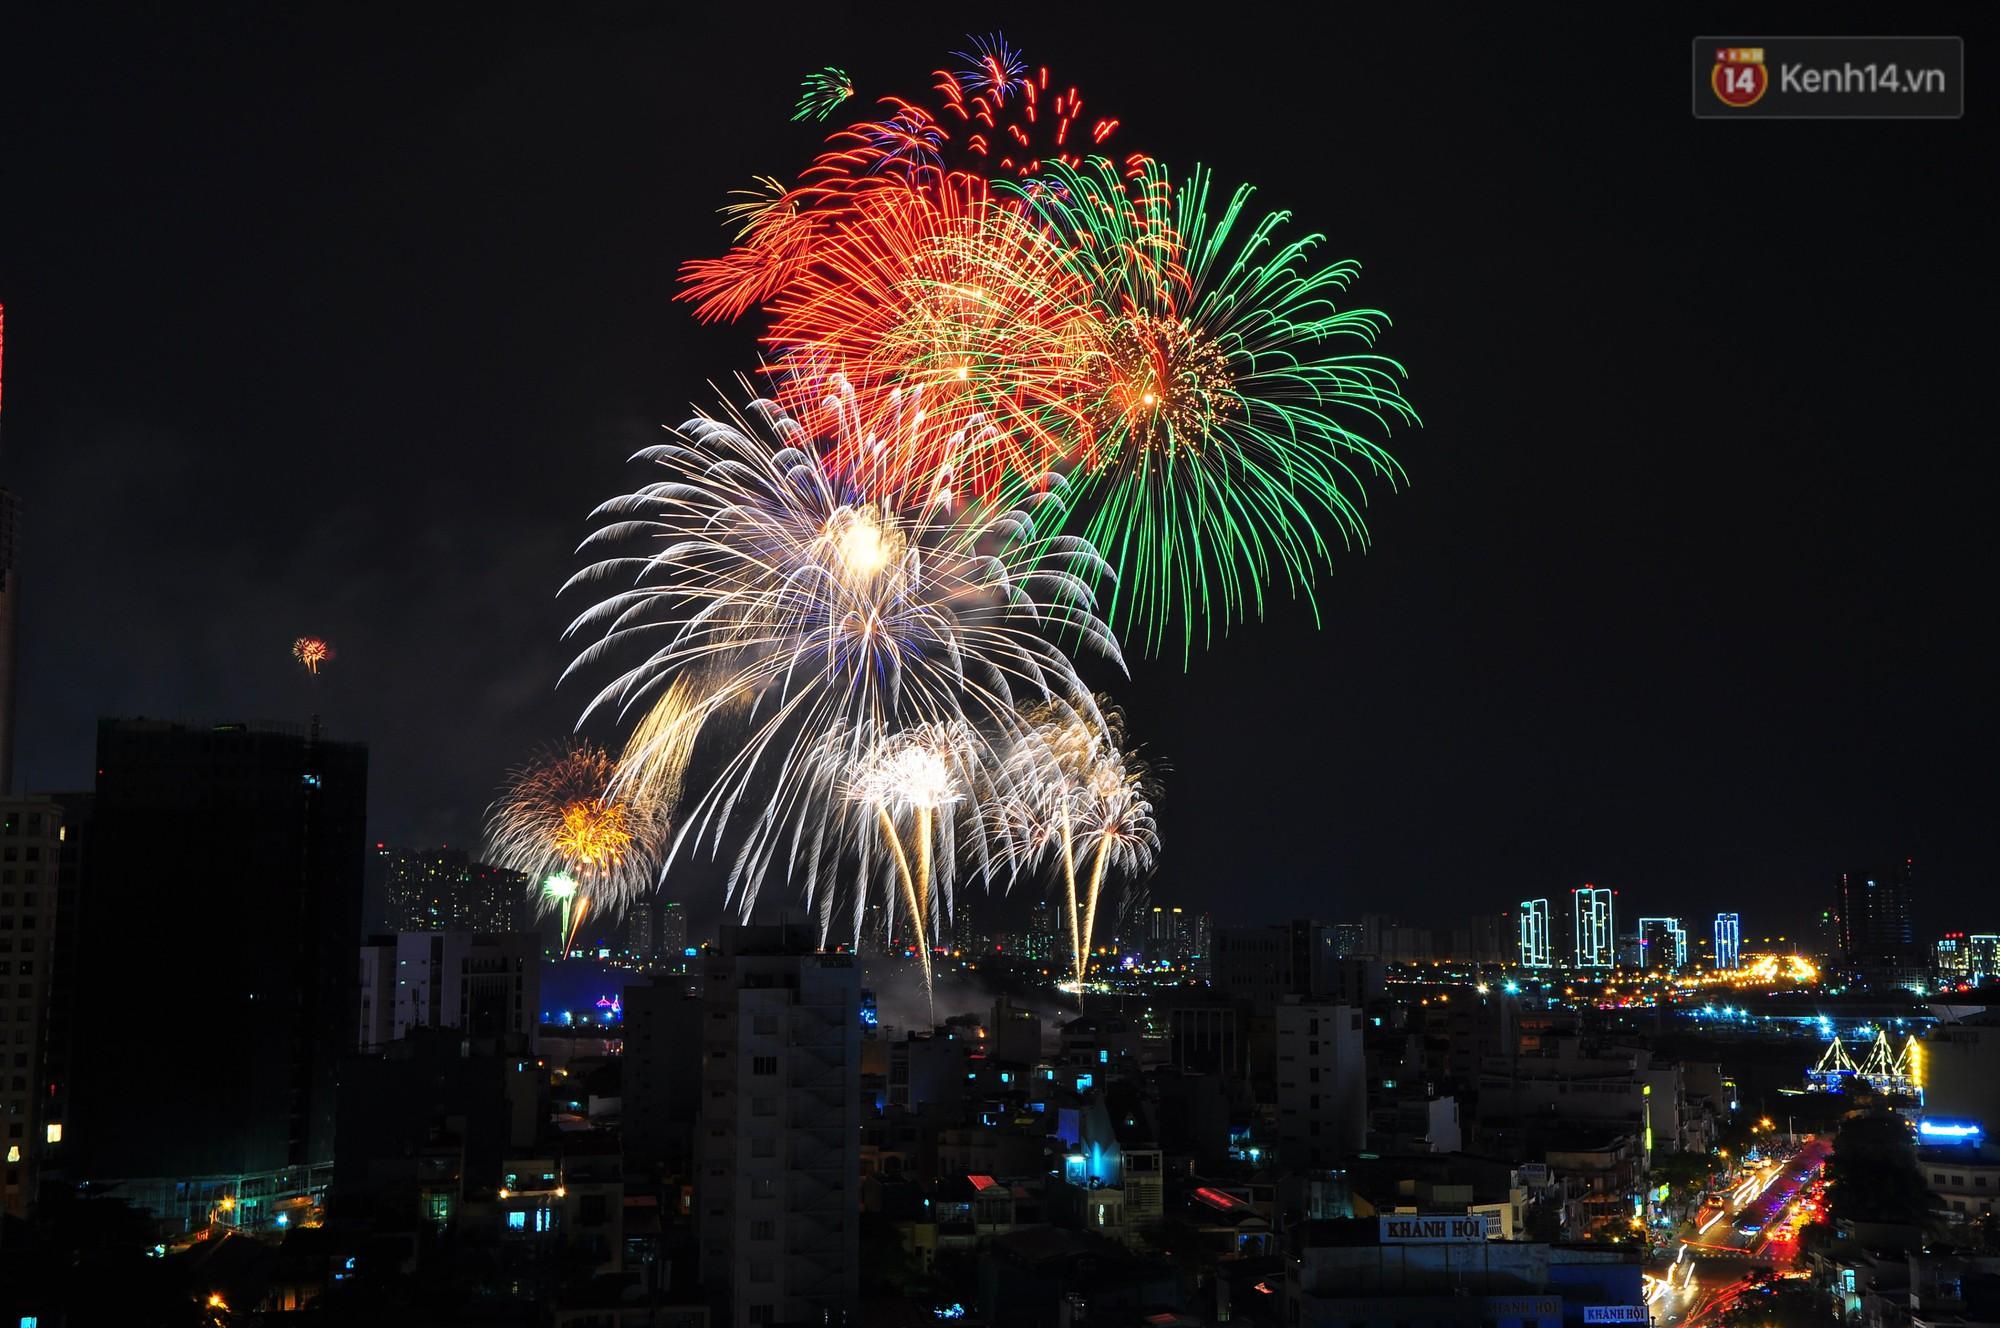 Loạt pháo hoa đẹp rực rỡ trên bầu trời Sài Gòn mừng 44 năm Giải phóng miền Nam thống nhất đất nước - Ảnh 7.